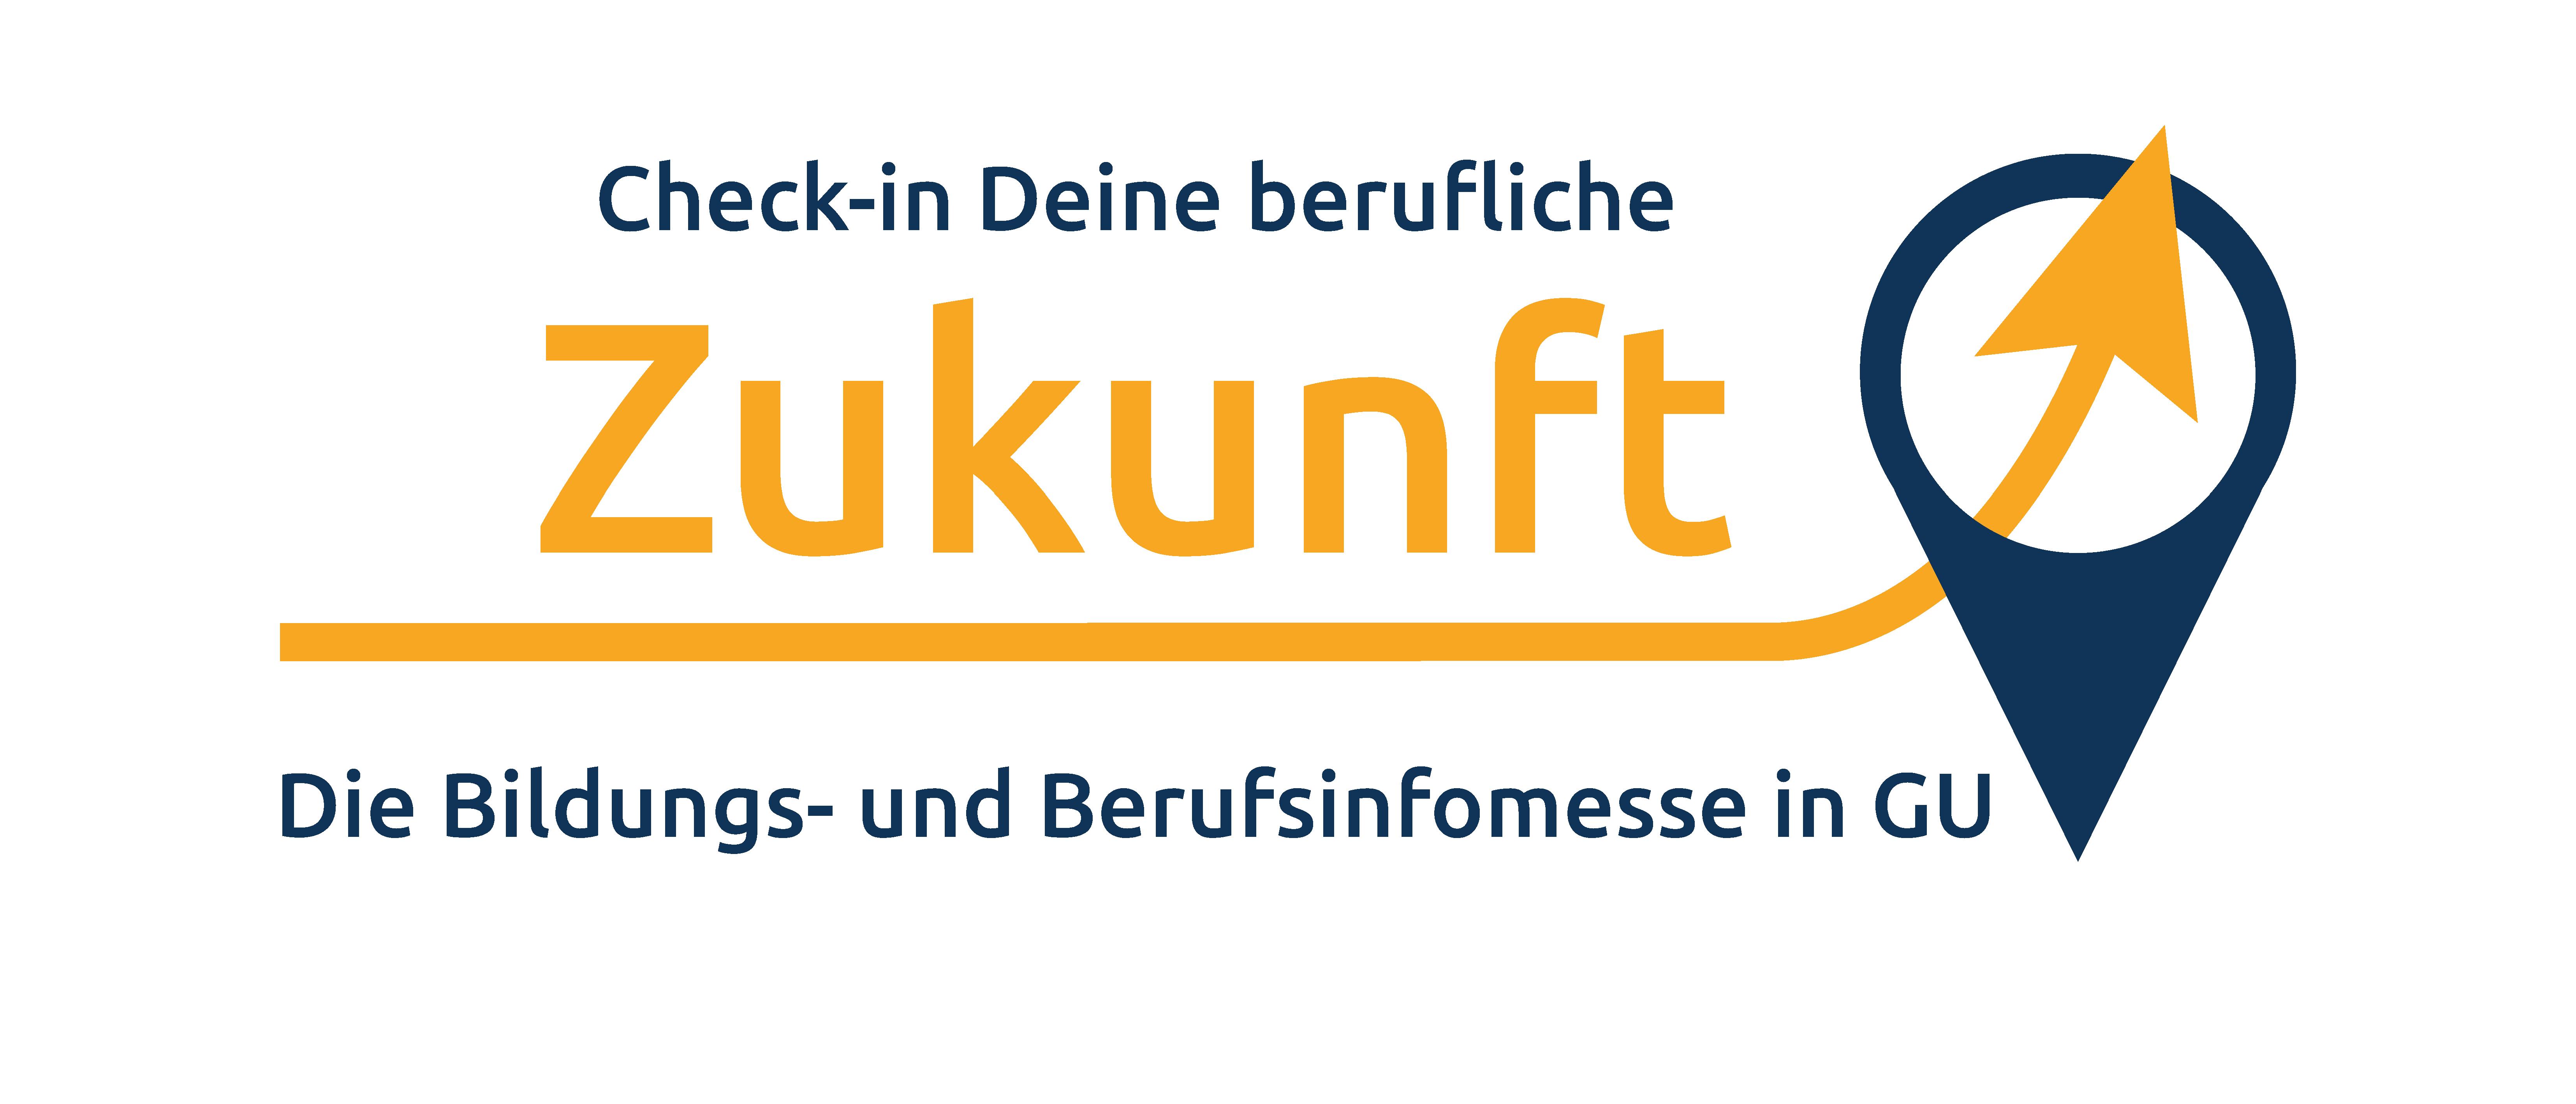 Checkin Zukunft - Die Berufsinfomesse der GU